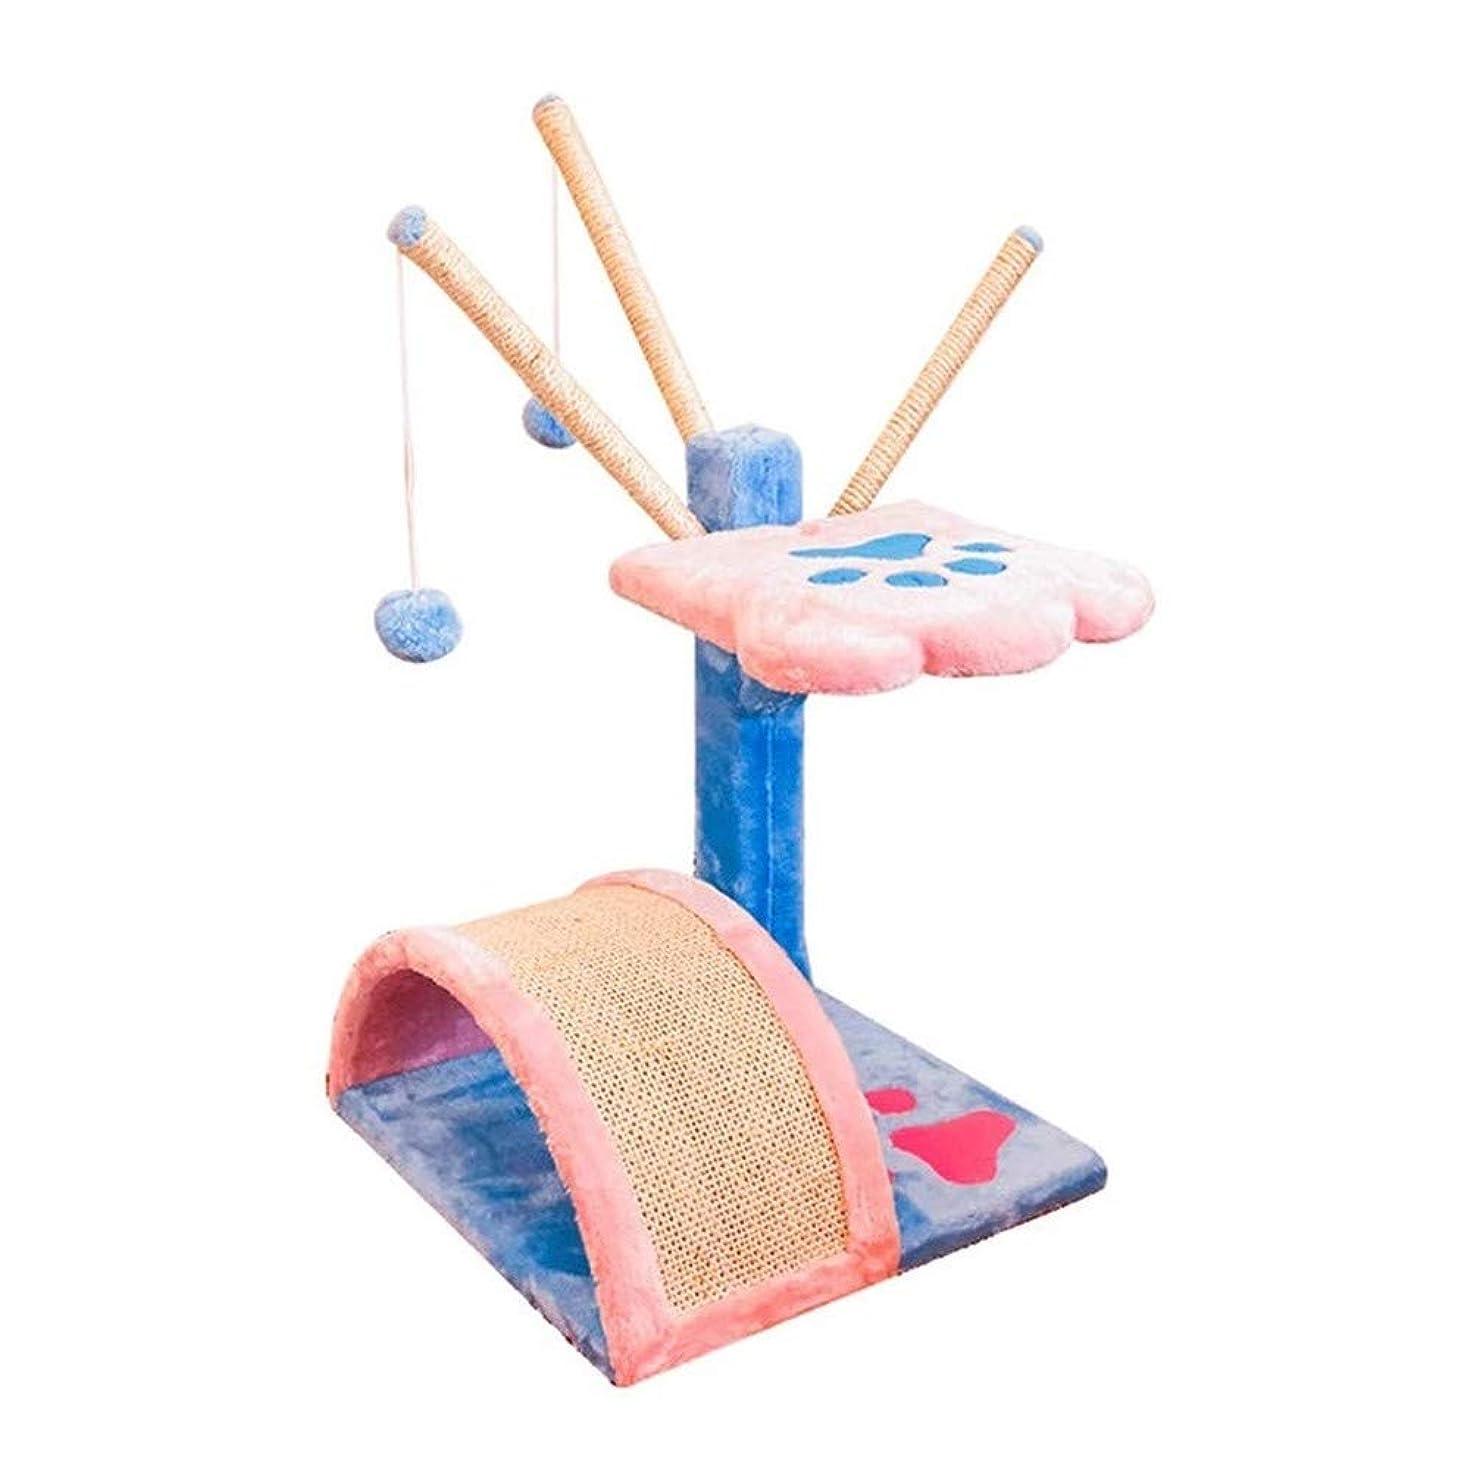 挑発するインターネット束ねるおもちゃの猫クライミングフレームをハンギングホール快適な耐摩耗自然サイザルプラットフォームハウスペットアパートをドリル半円 (Color : Blue)